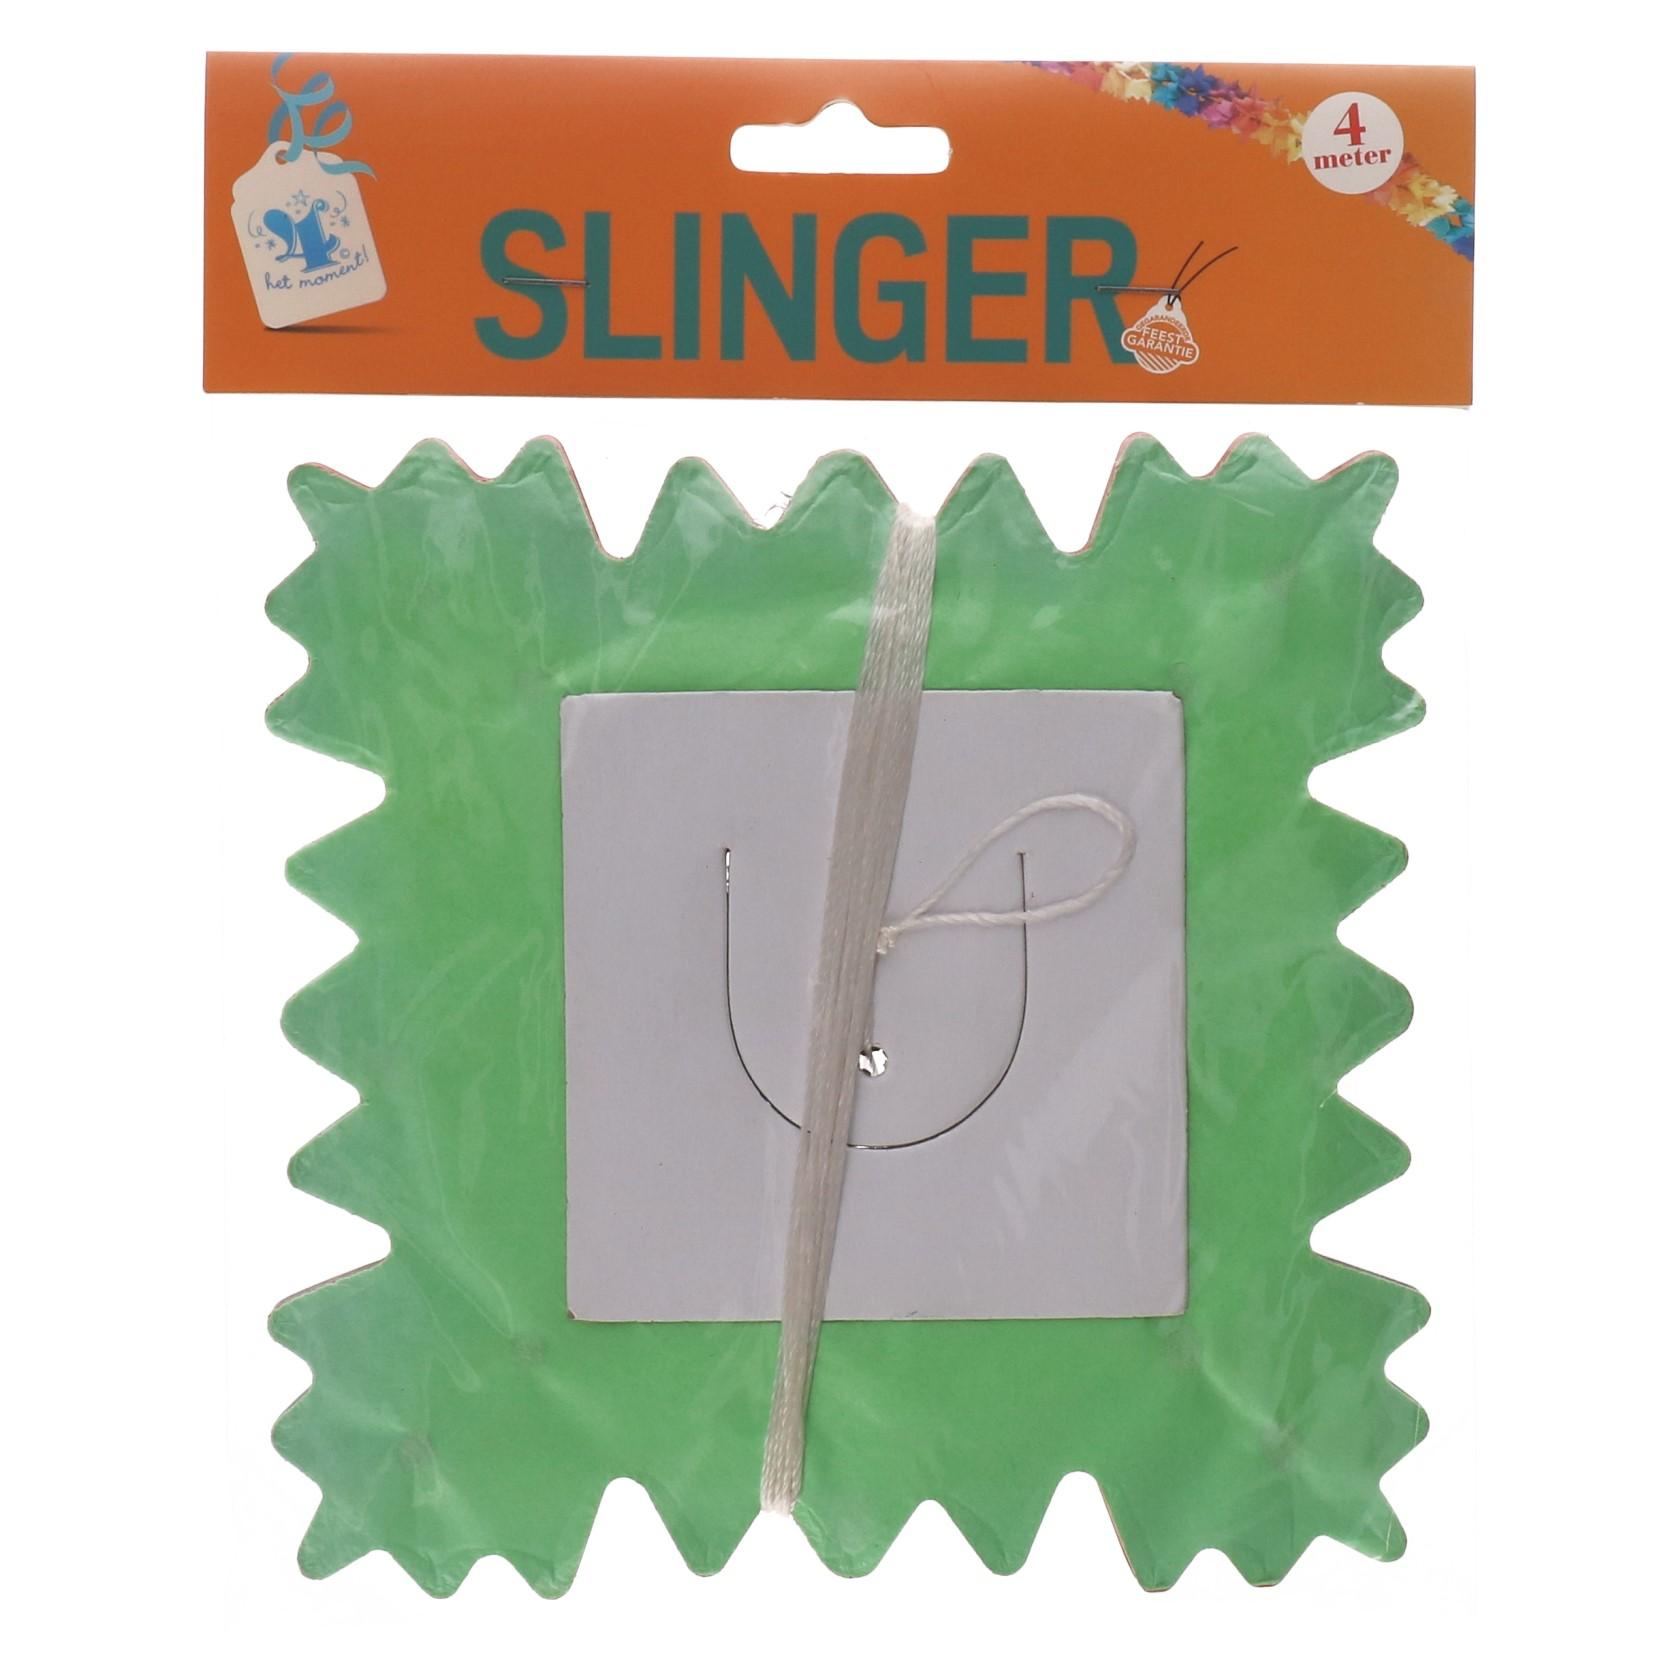 Slinger vierkant 4 MTR